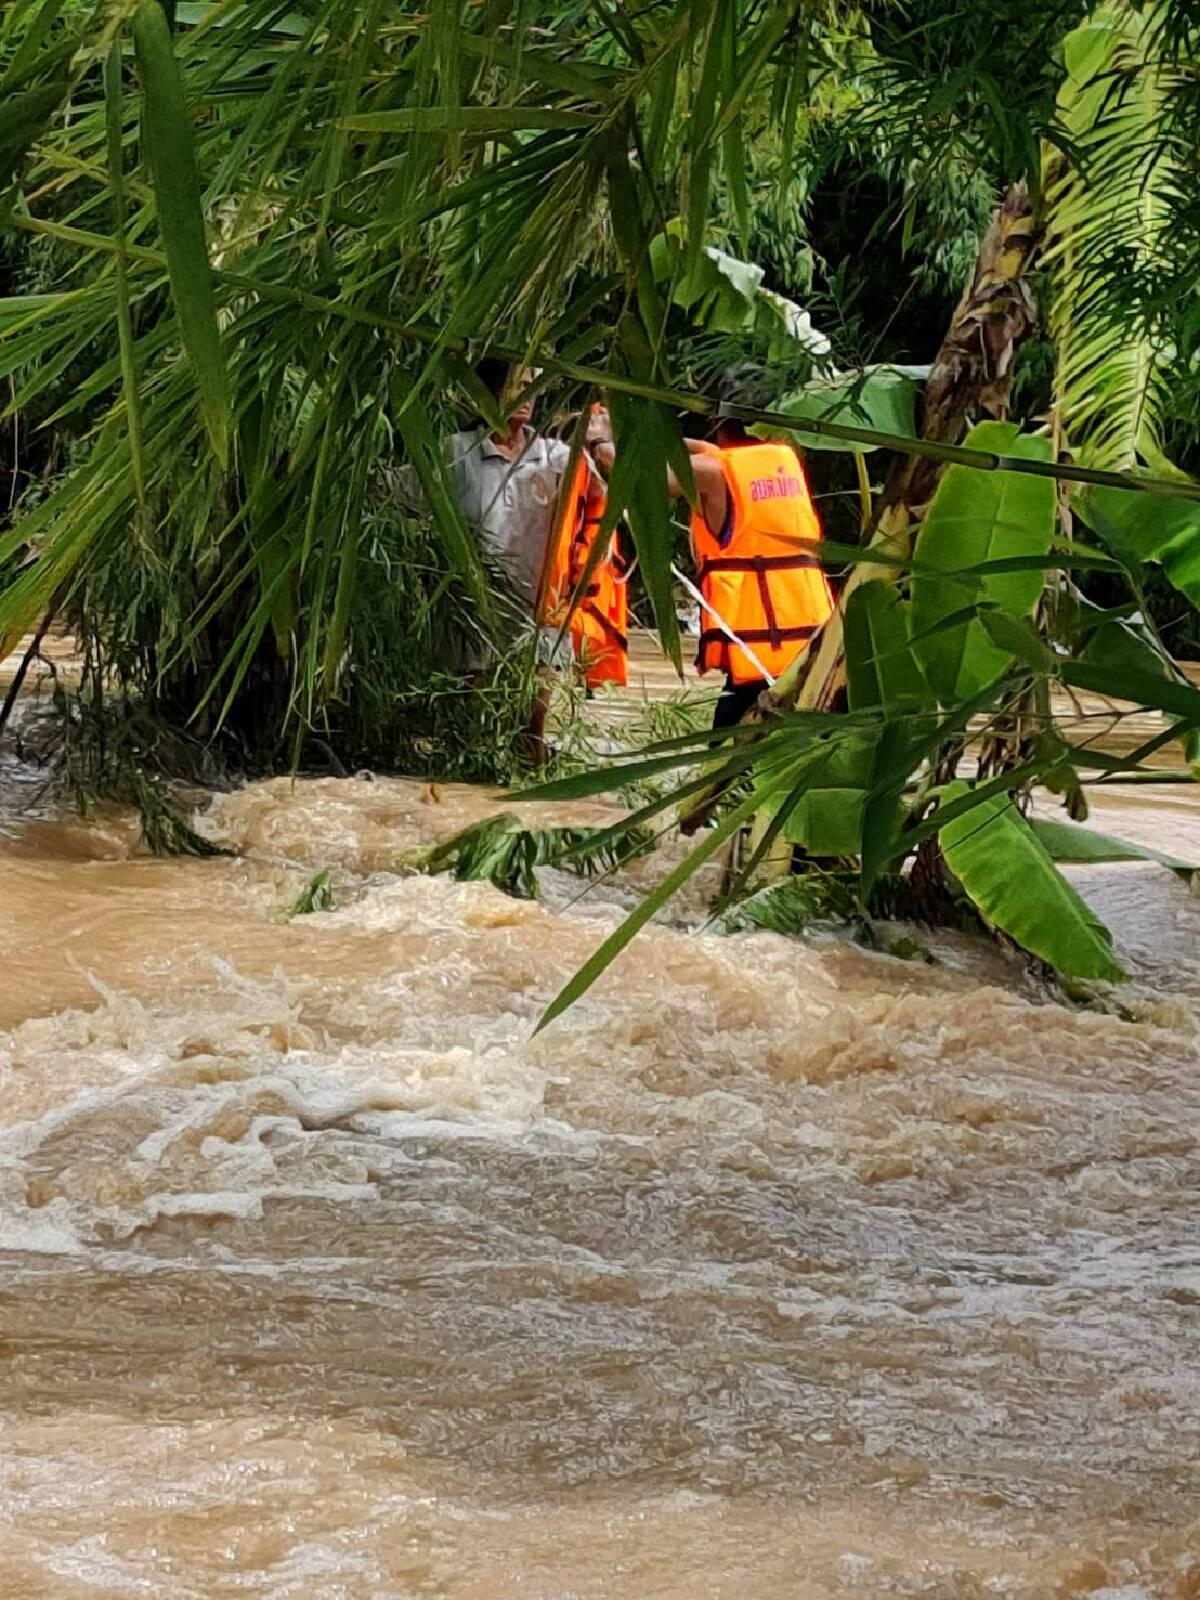 สองสามีภรรยาพลัดตกน้ำ สามีจมหายไป ภรรยาลอยแพ รอดหวุดหวิด